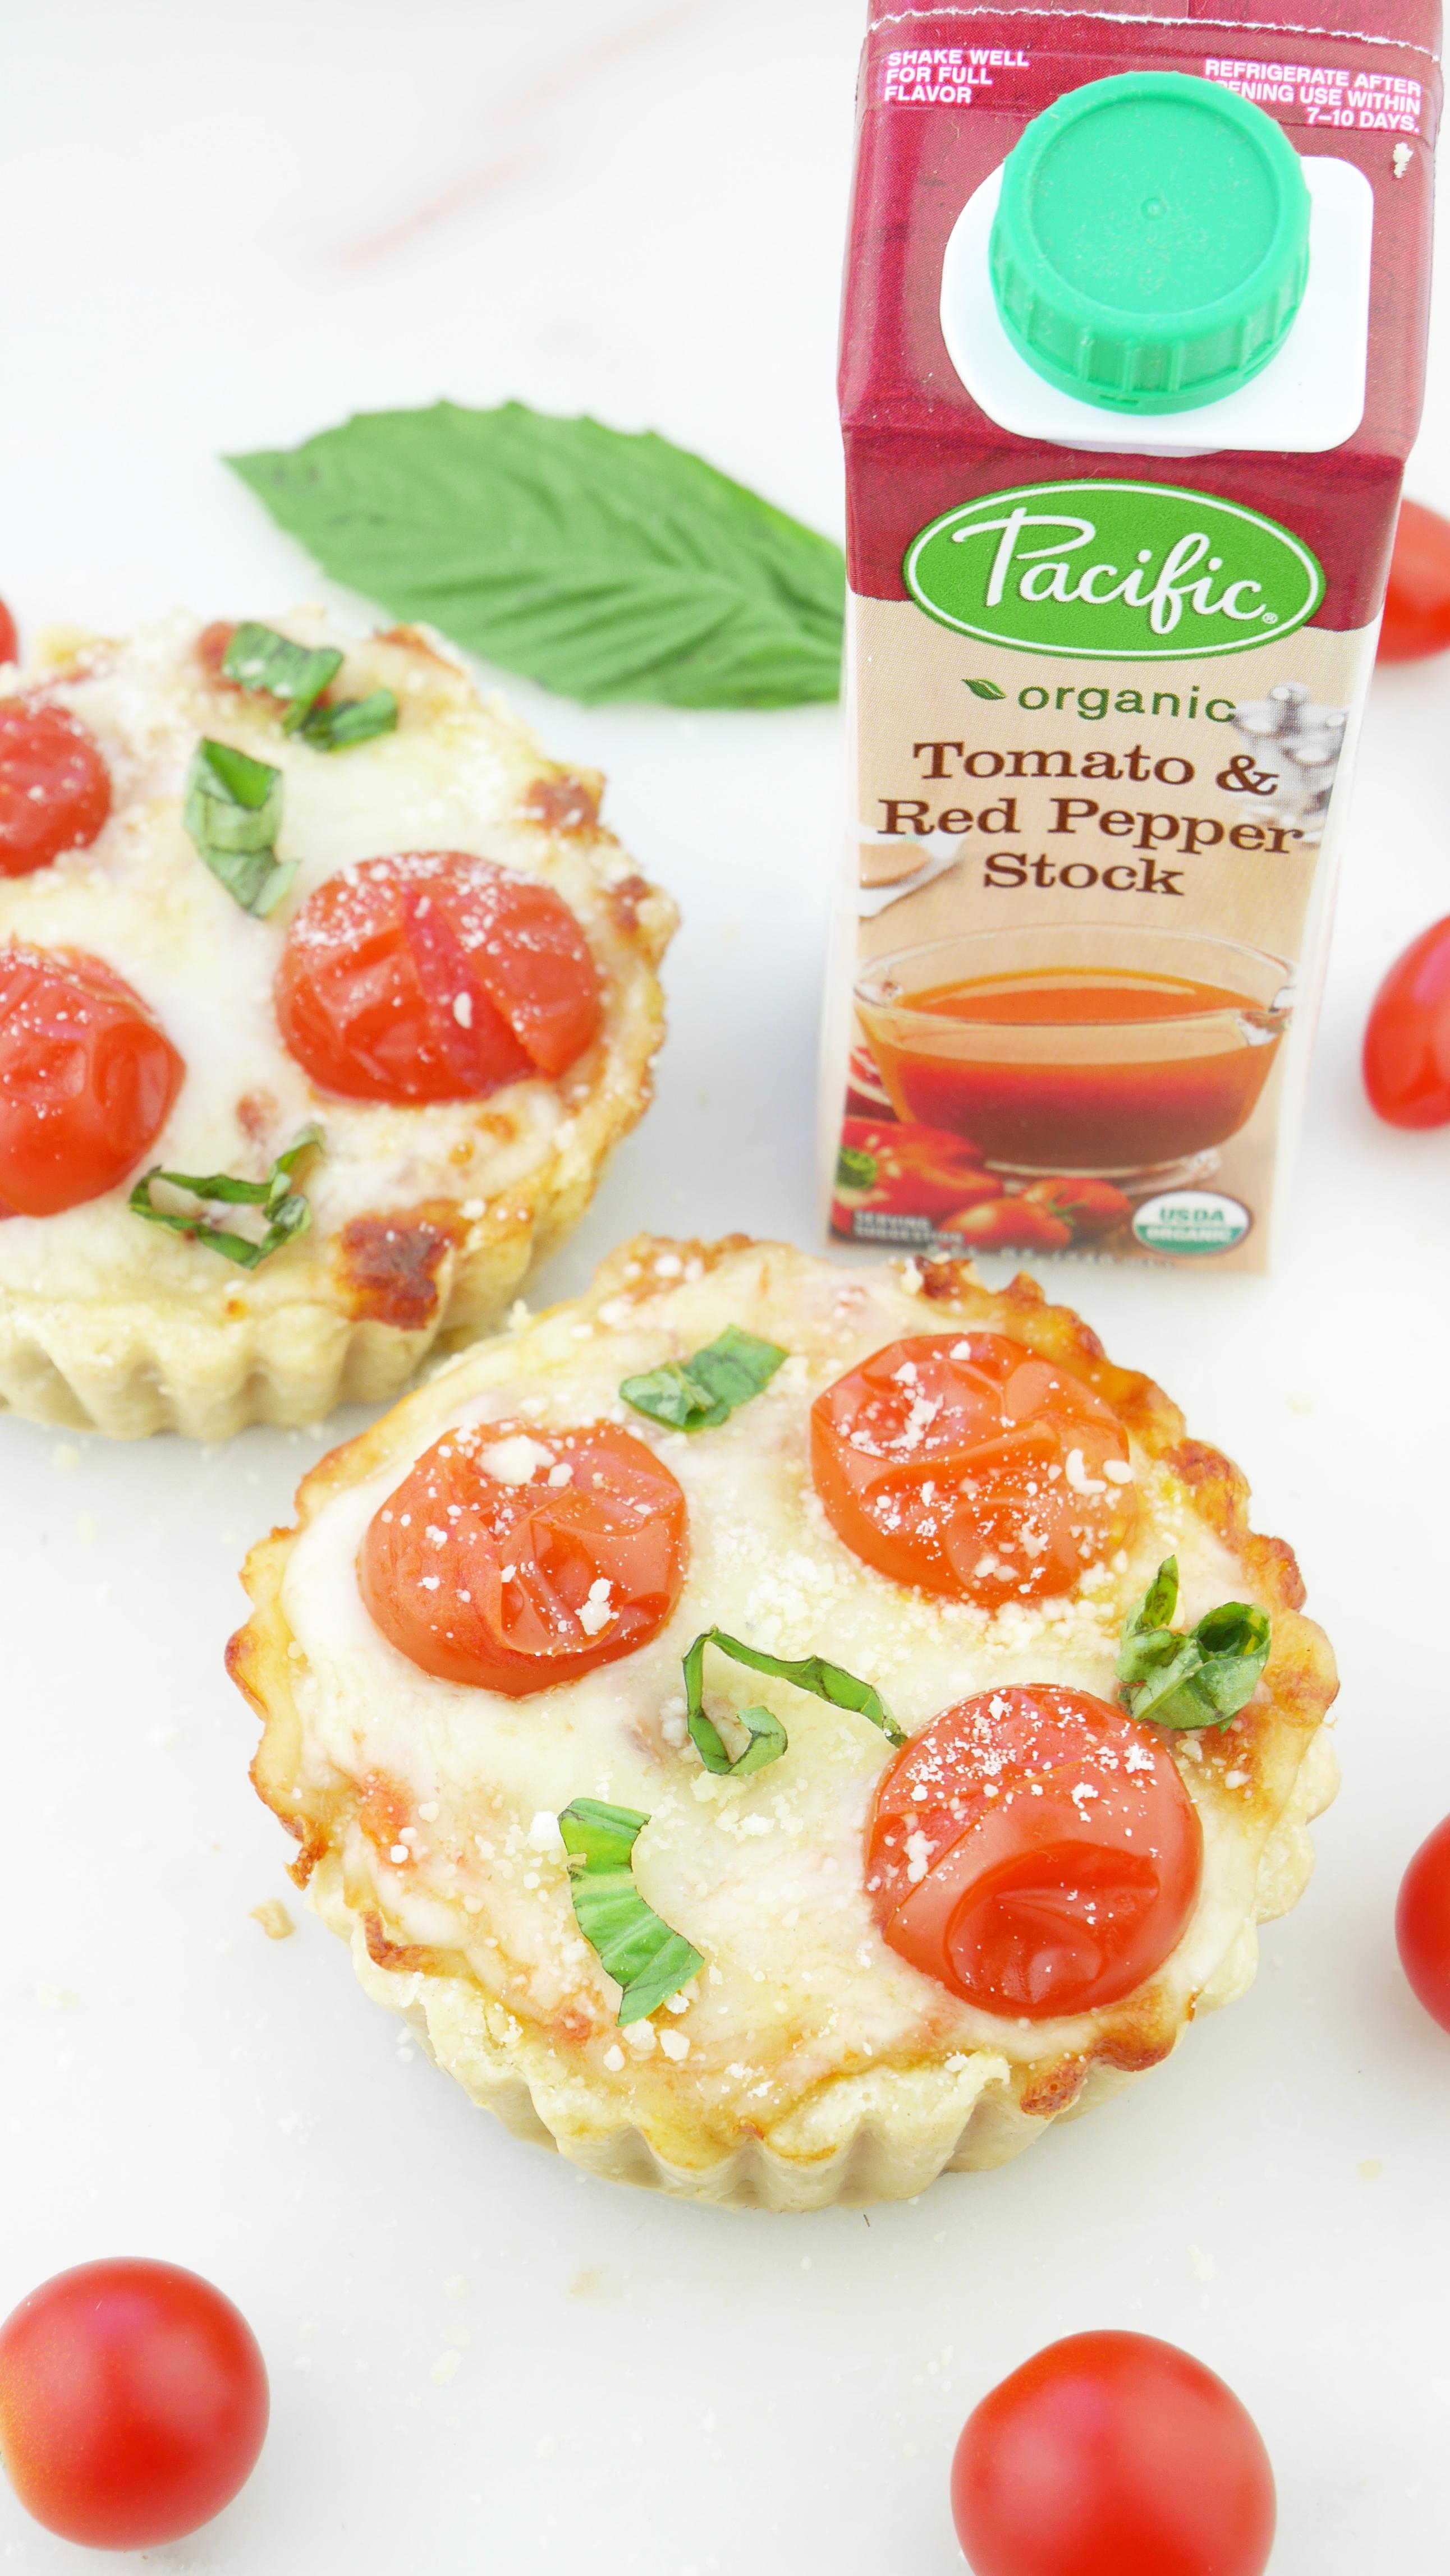 Pacific Foods Organic Tomato Stock Breakfast Tart